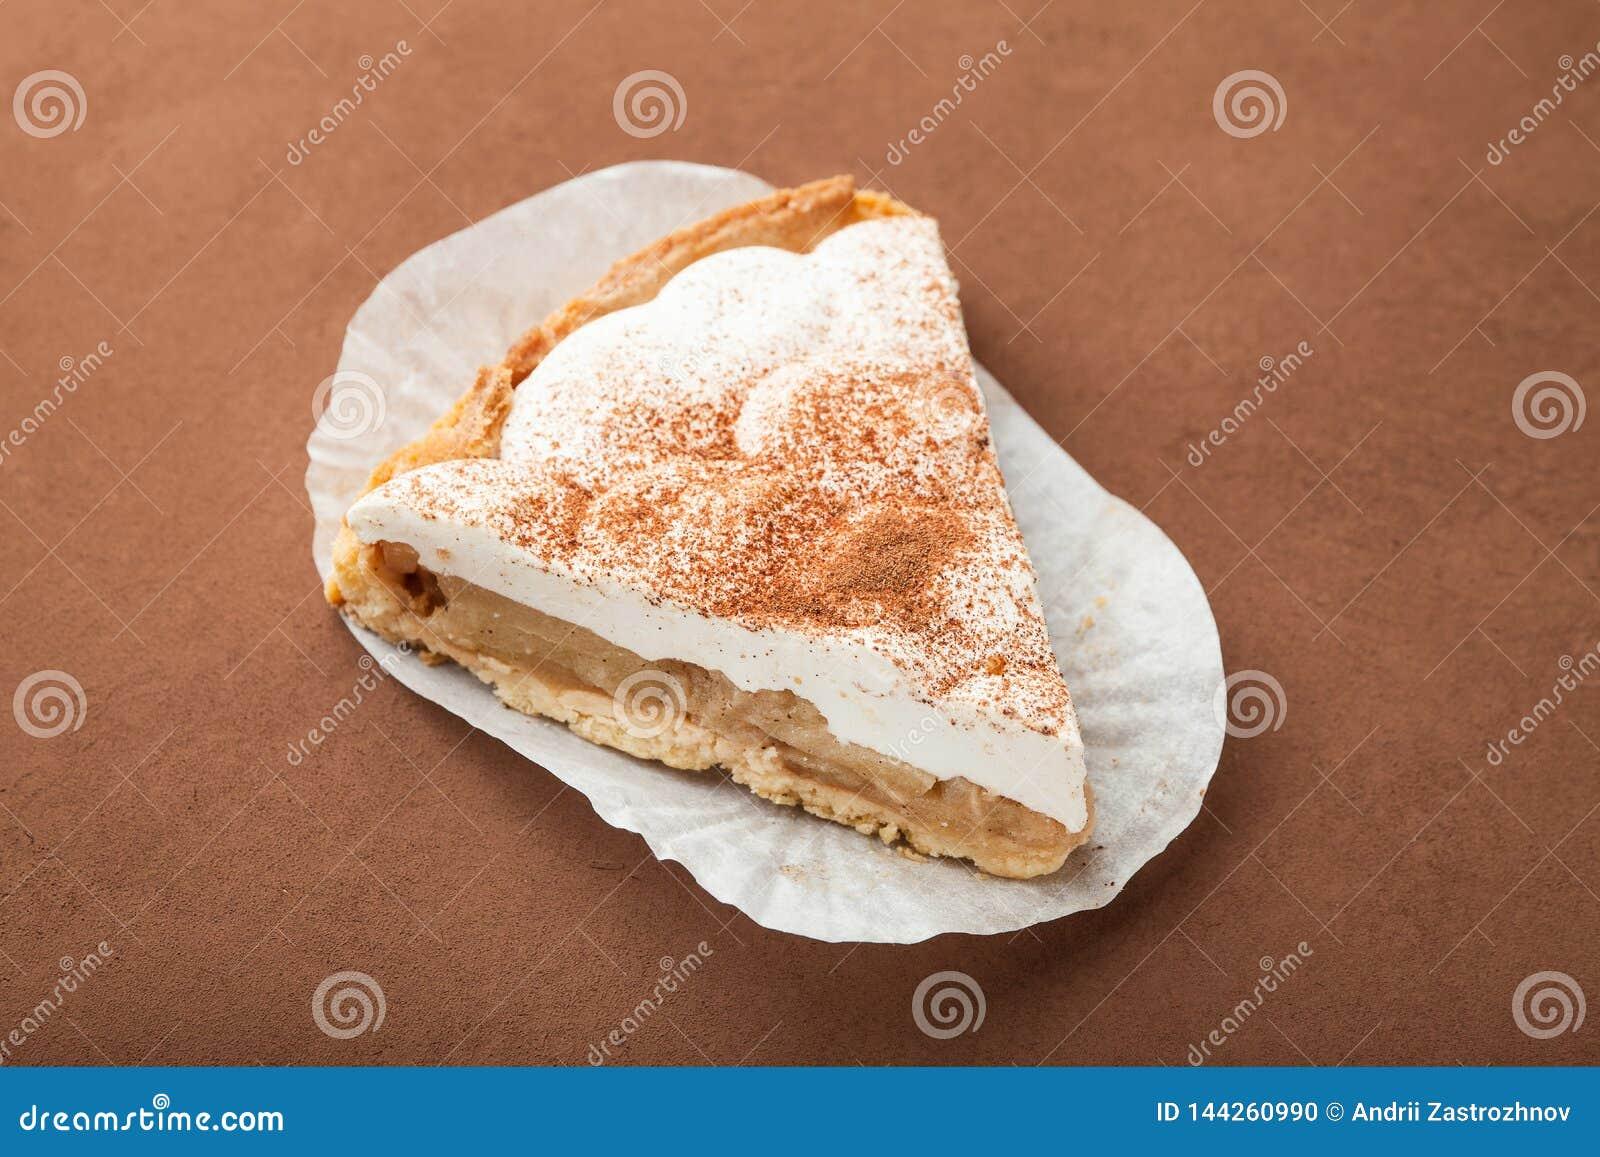 Una rebanada de empanada de manzana cocida fresca sabrosa con queso y crema